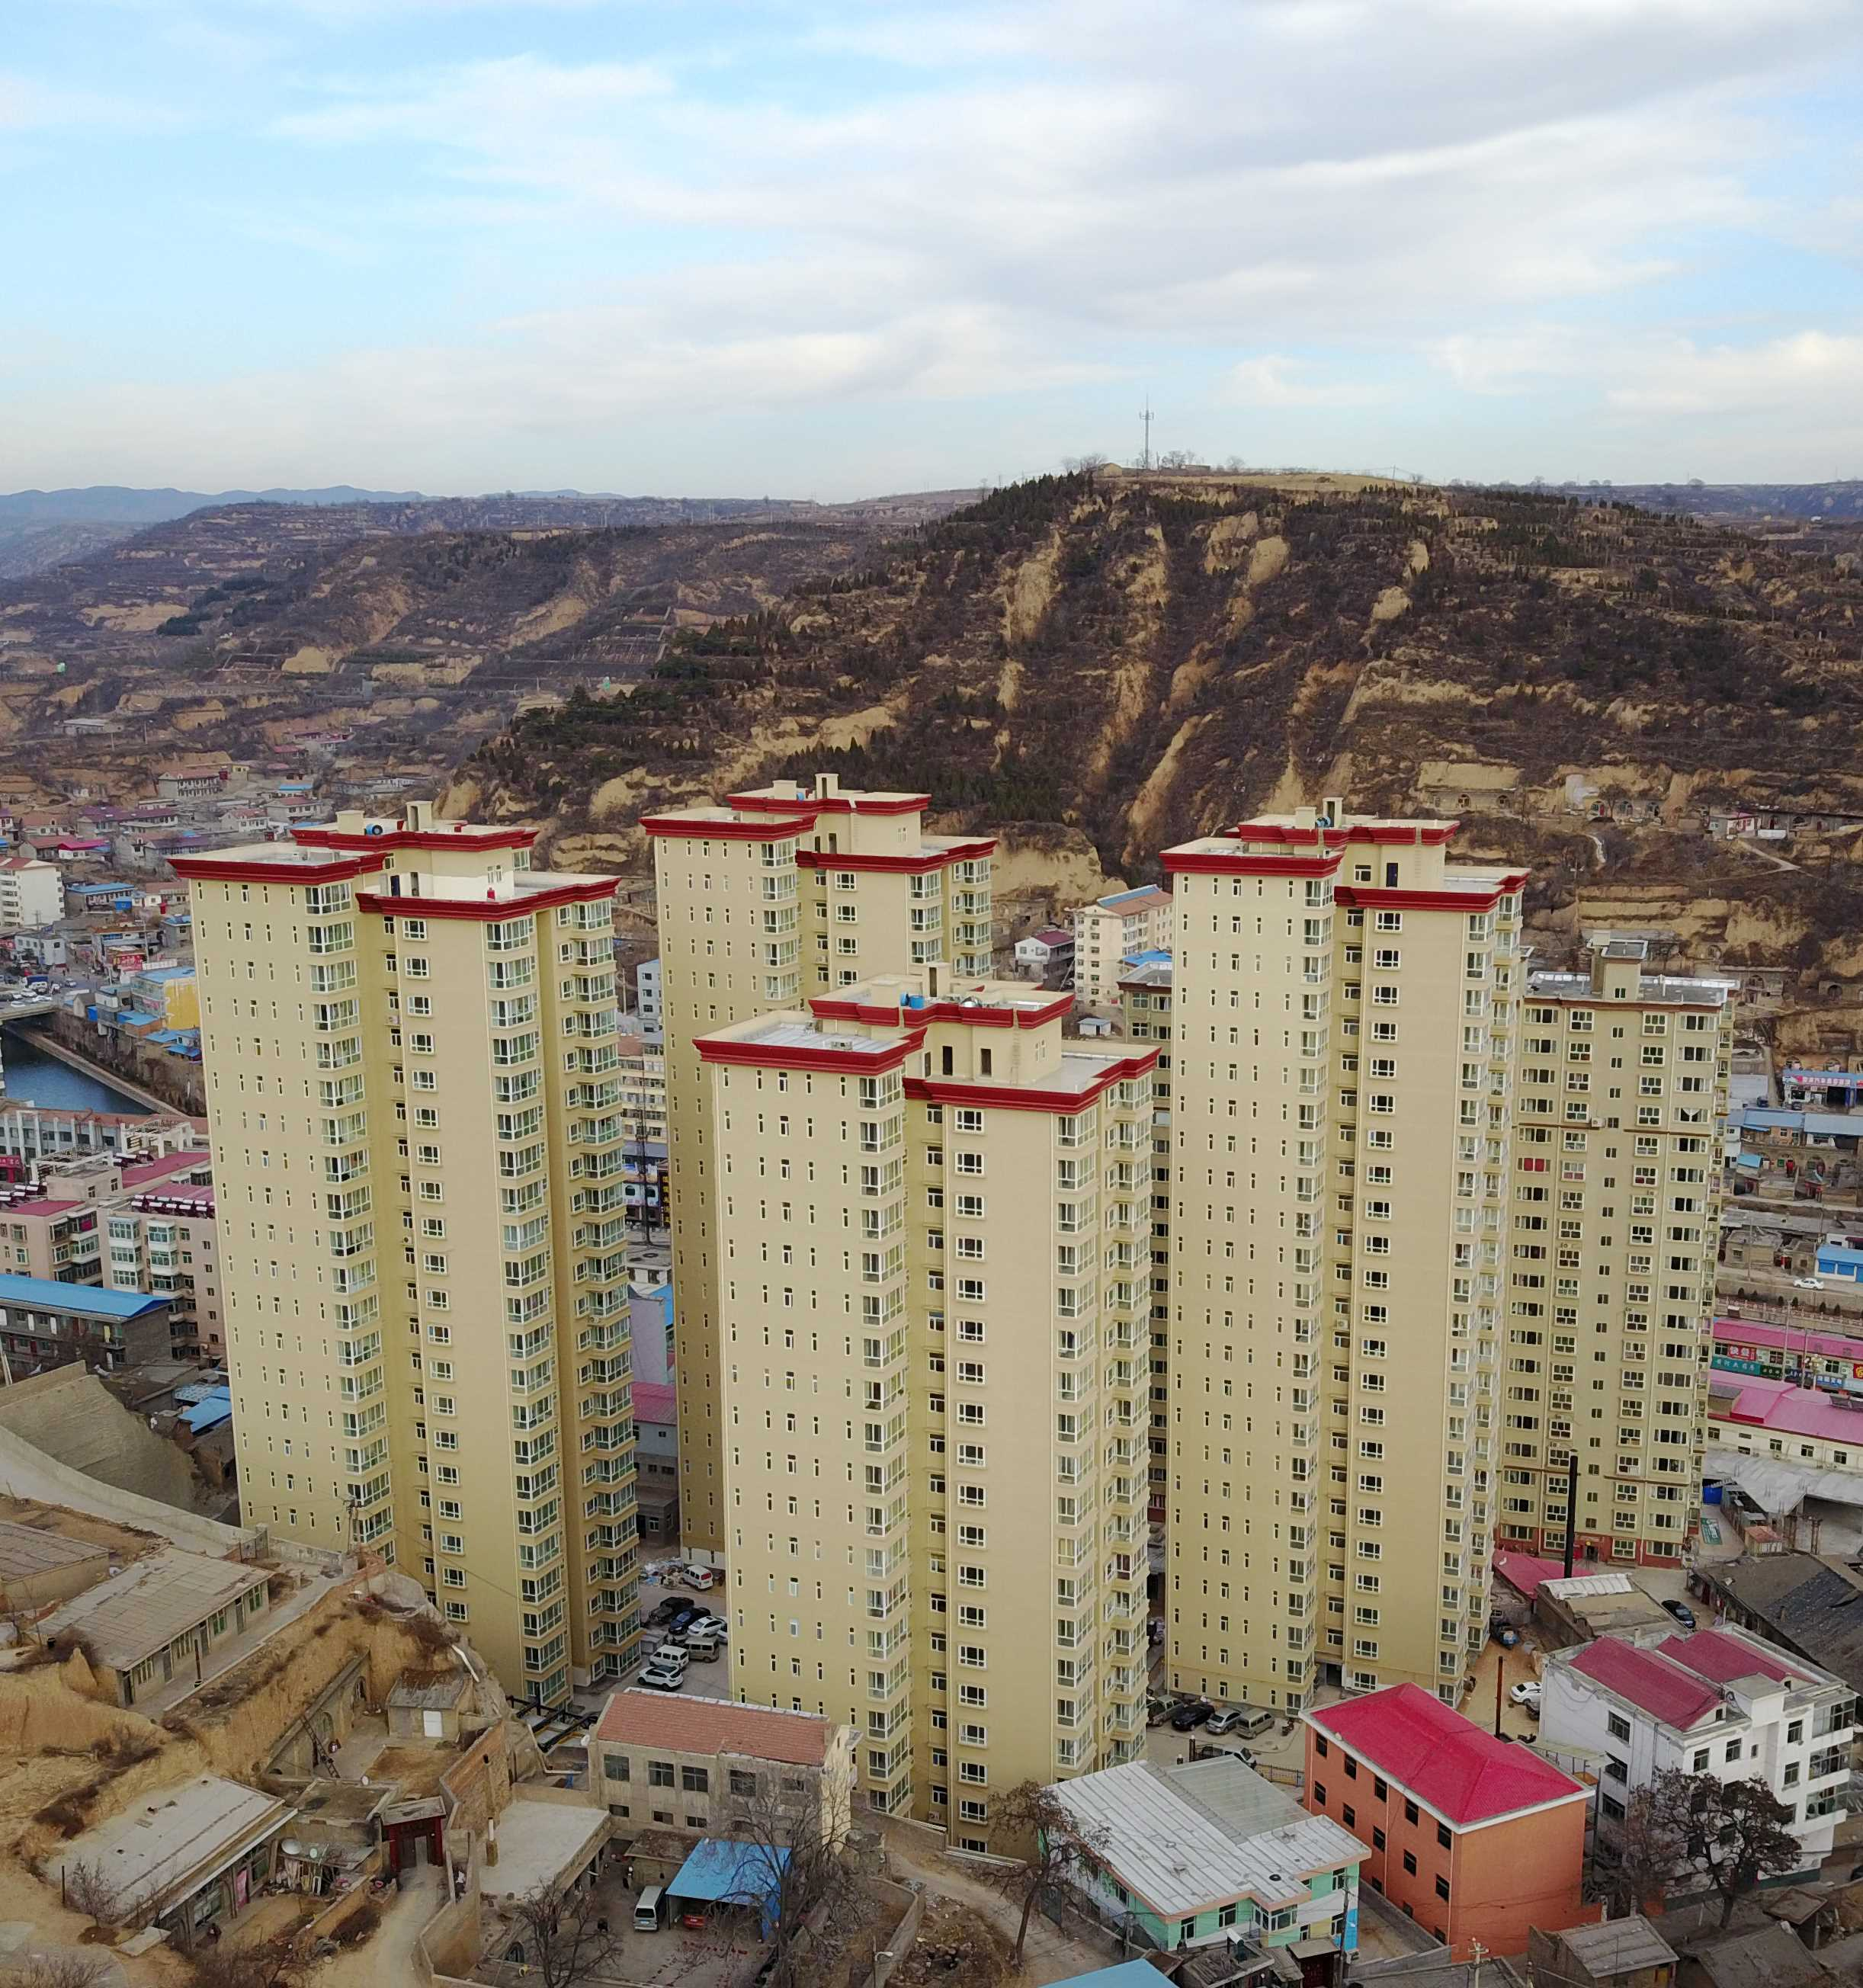 临汾市吉县兰家圪塔老革委旧危房改造项目